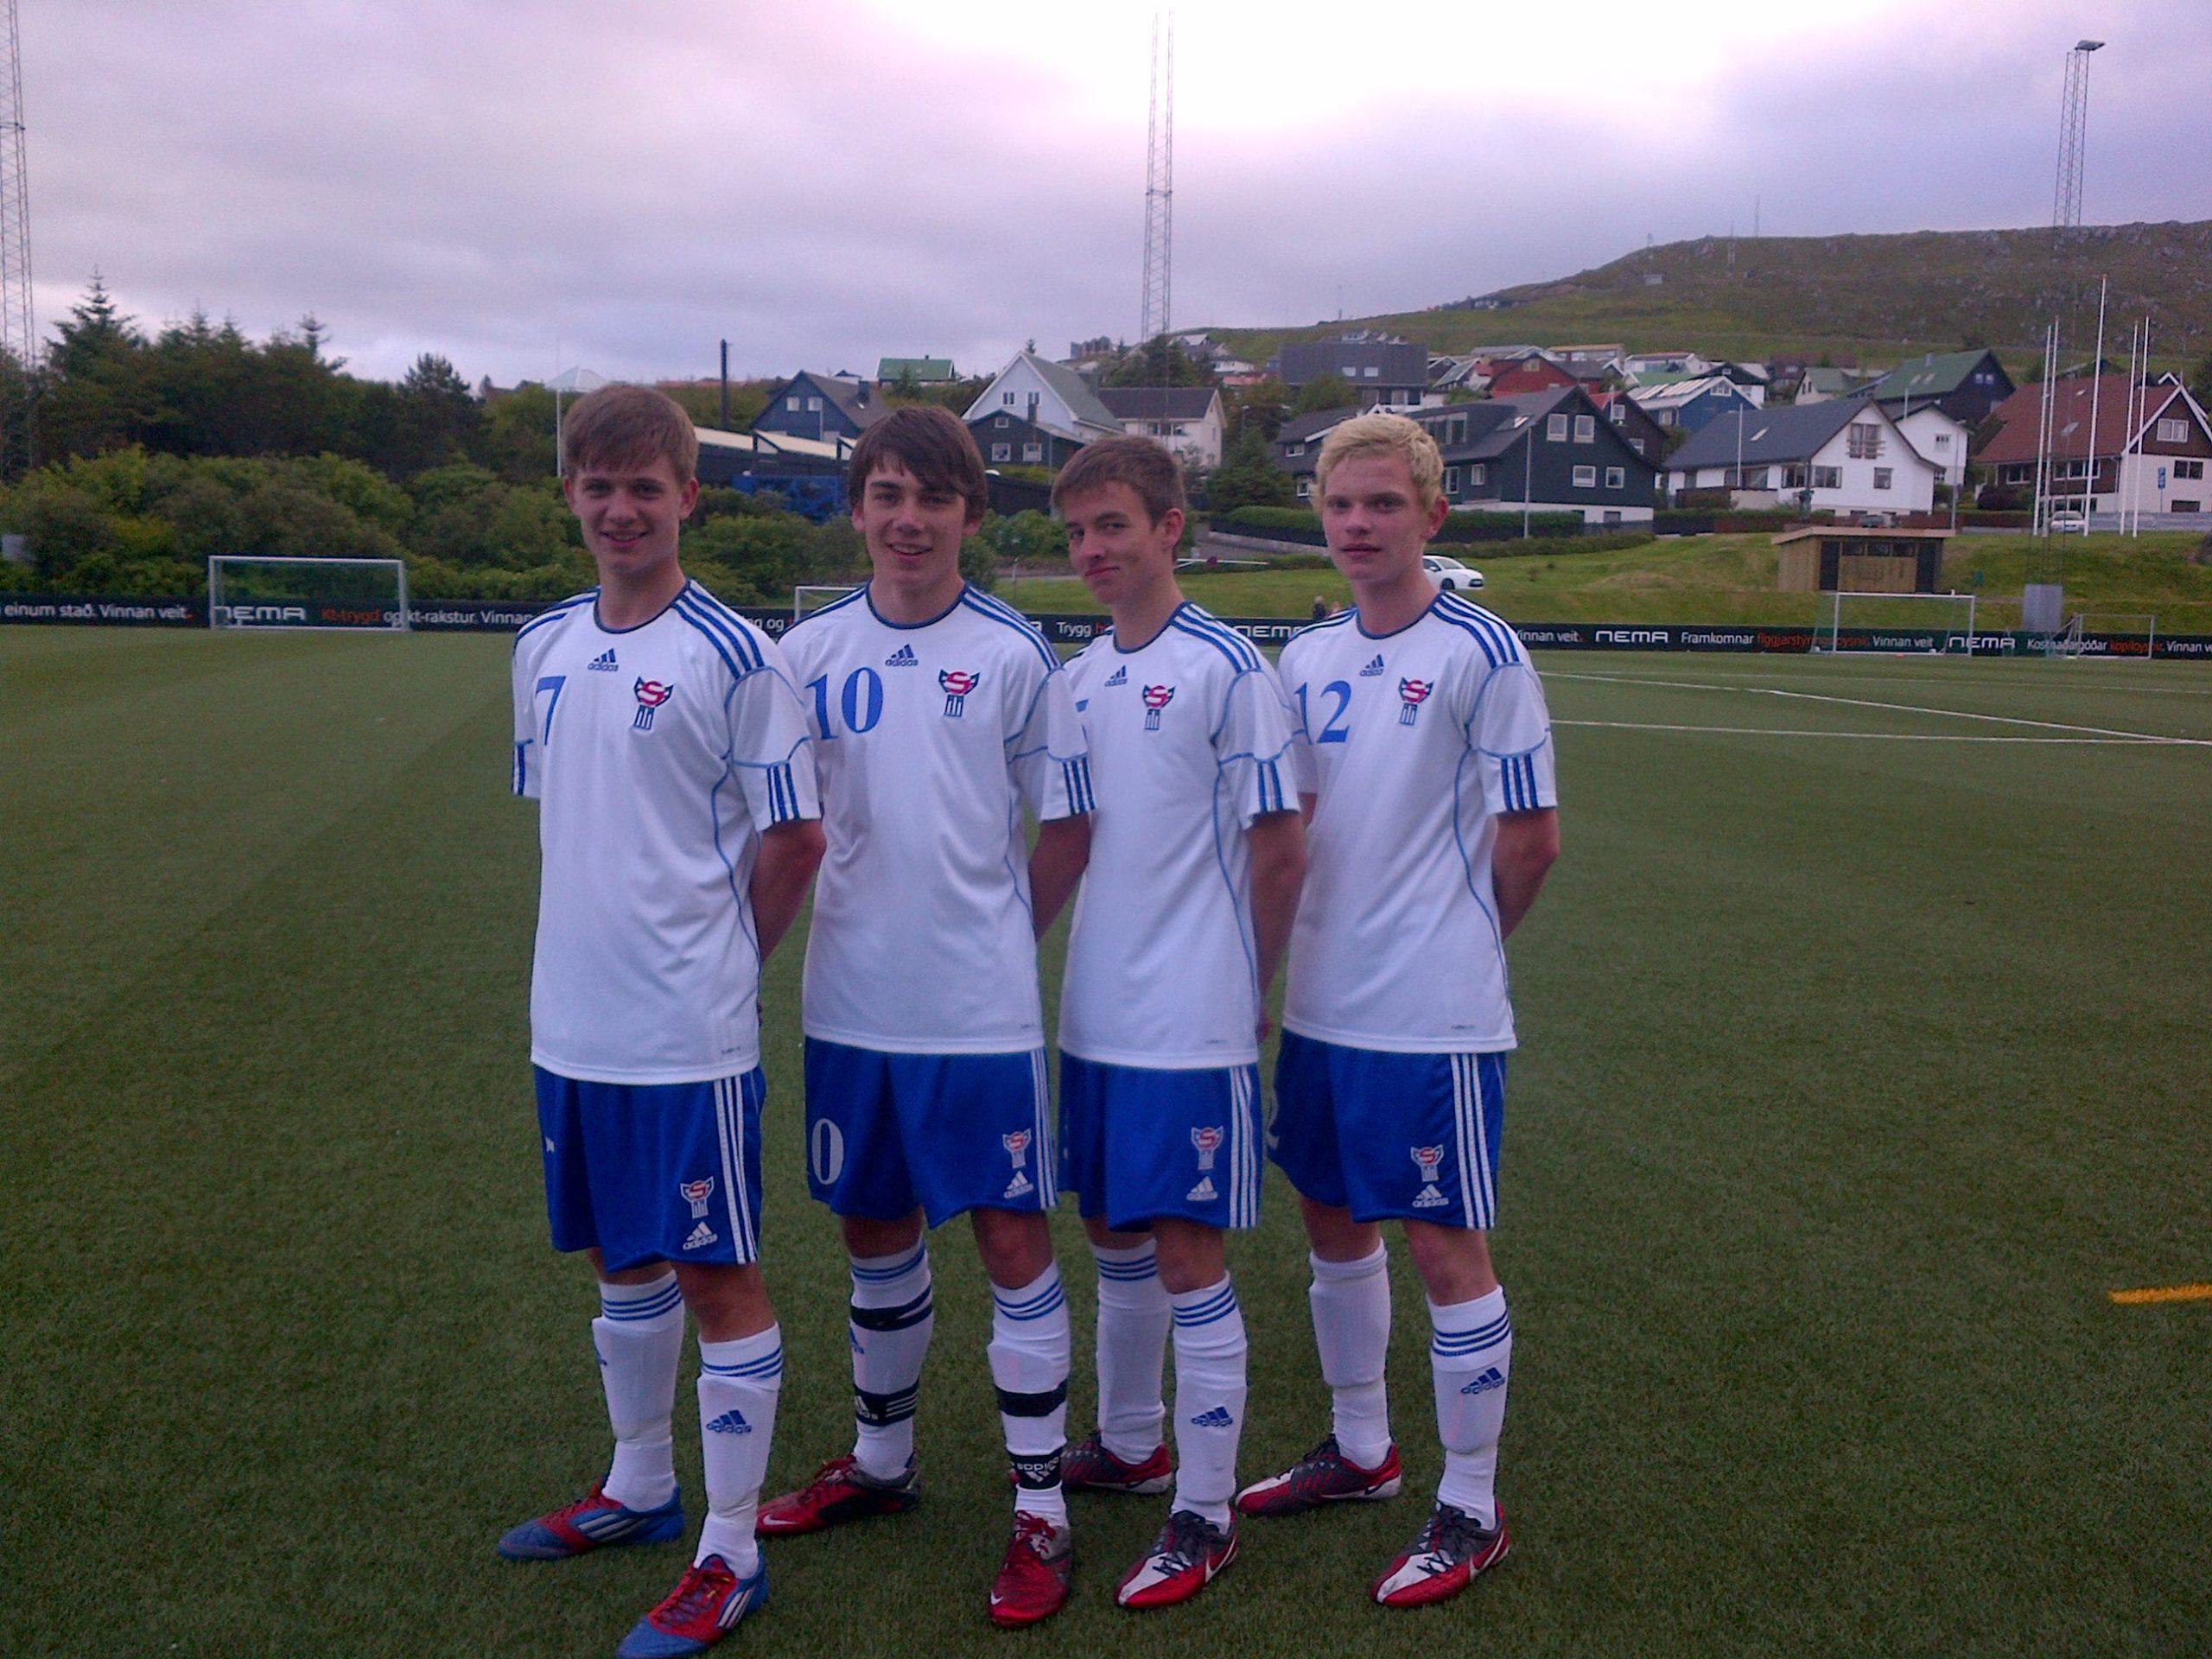 Venjingardystur í kvøld á Toftum: NSÌ unglingar og U-17 landsliðið